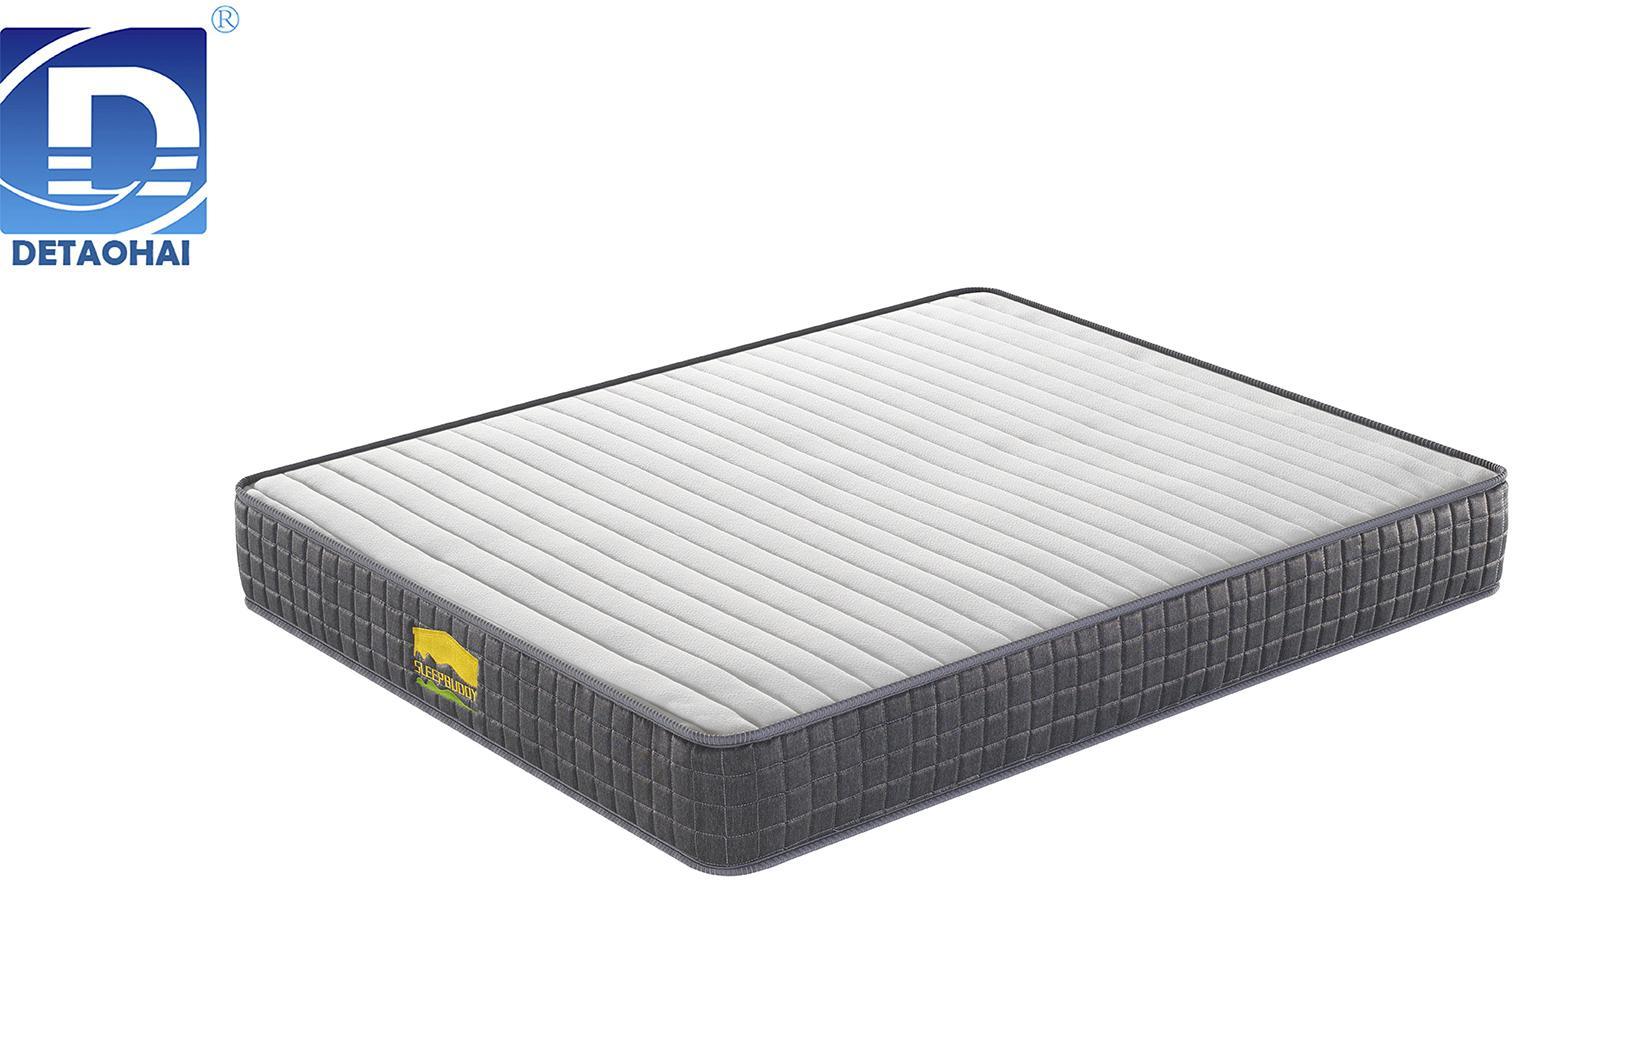 High density foam mattress  rolling compresses packing bed mattress 1